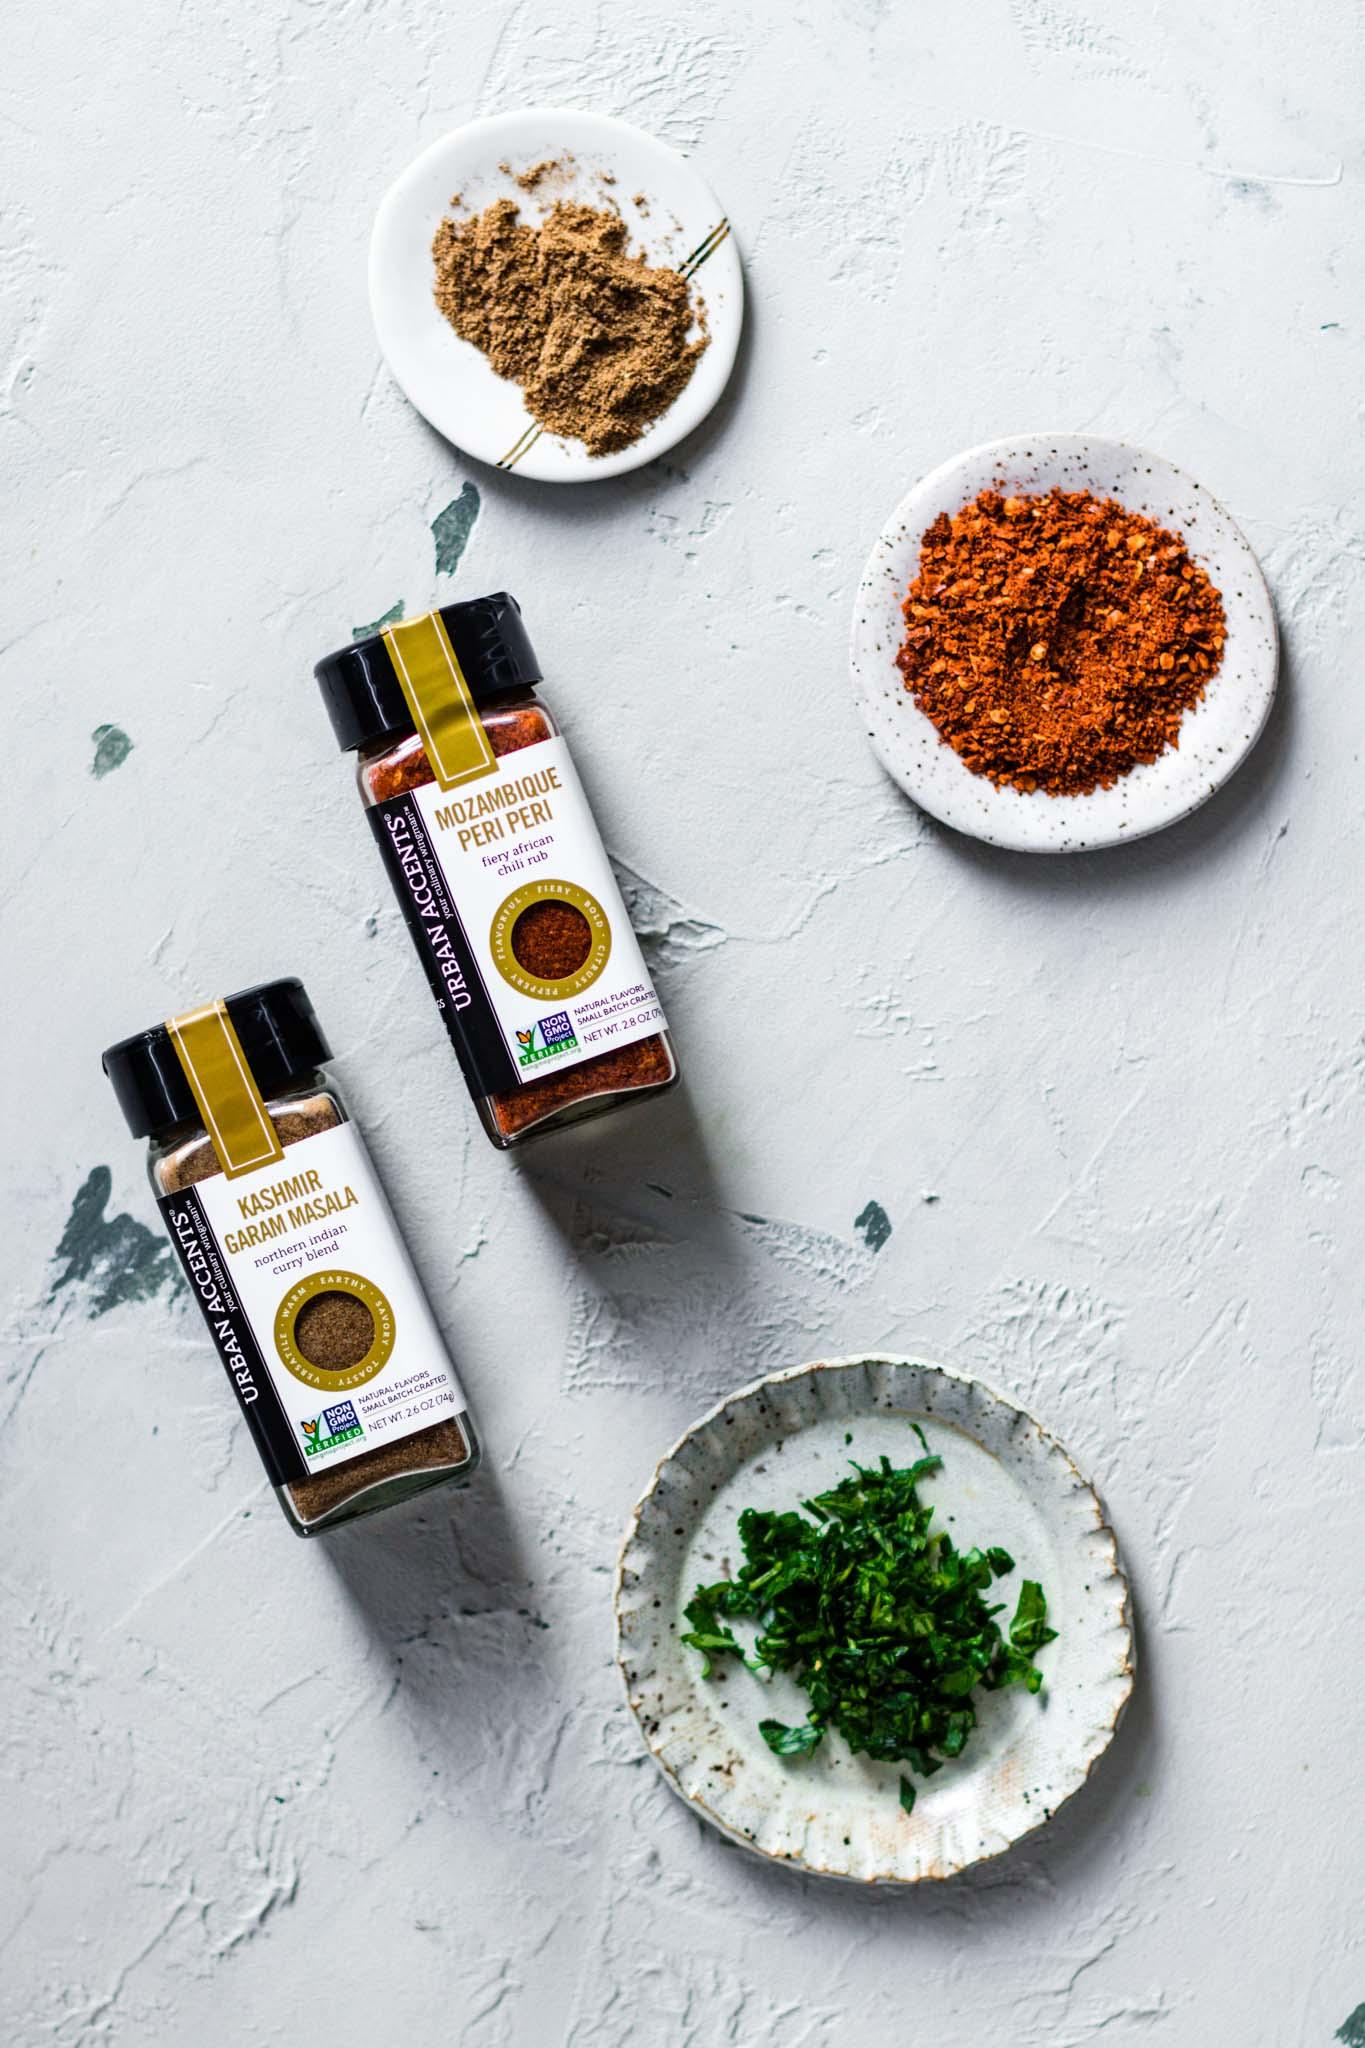 Mozambique Peri Peri and Garam Masala Spice Blends